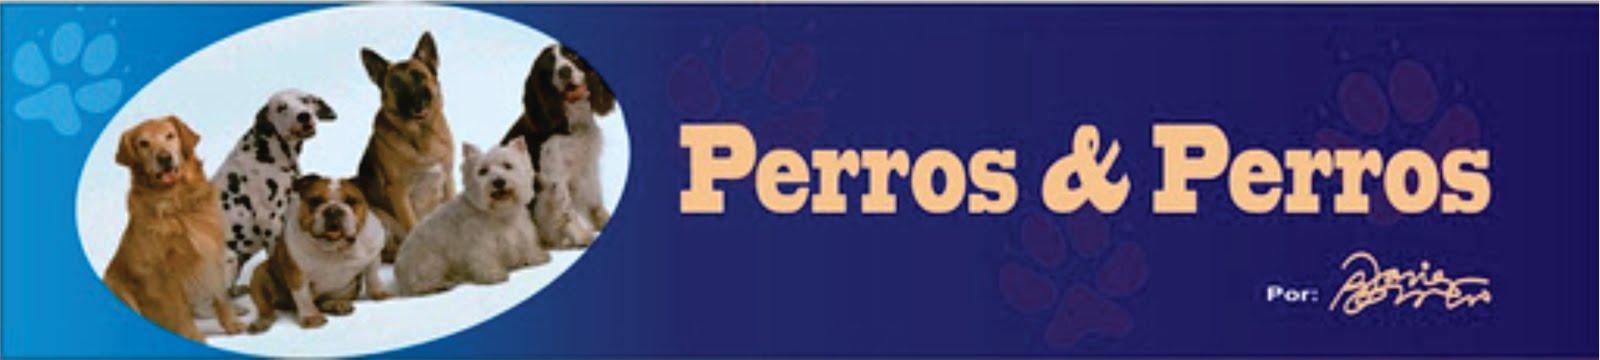 Perros & Perros